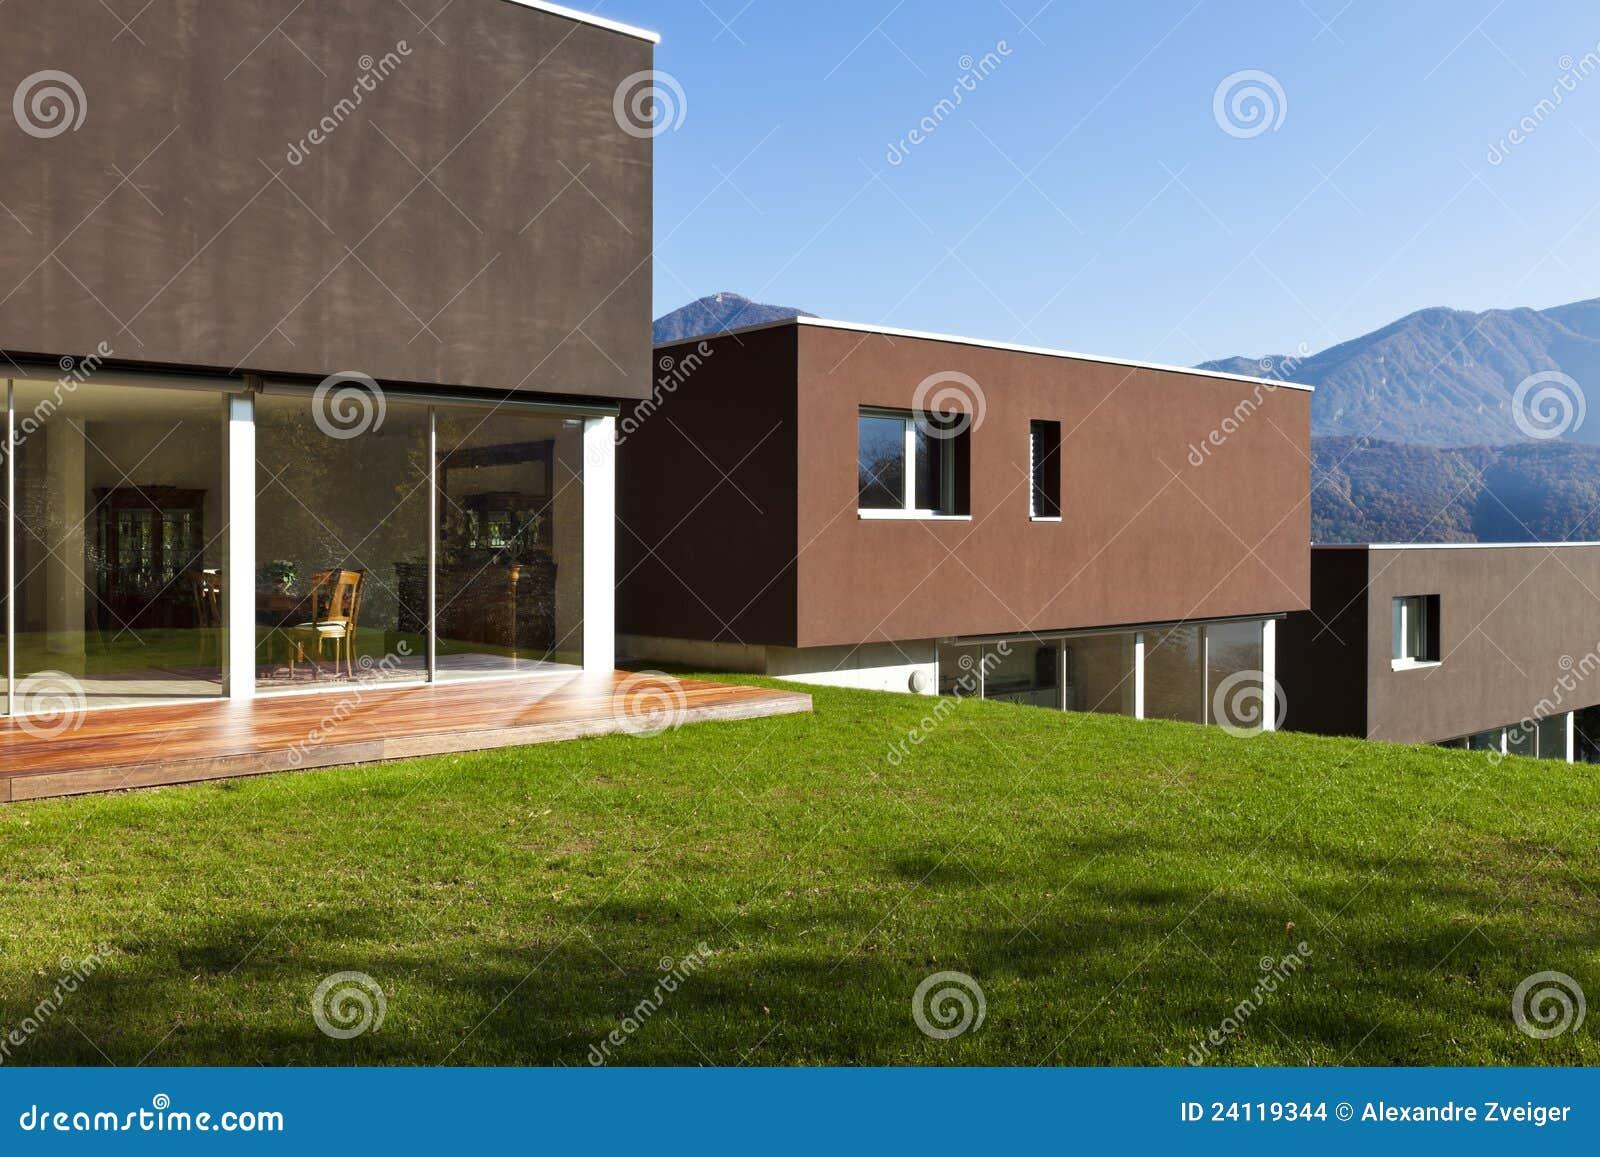 Modernes Haus mit Garten stockfoto. Bild von boden, garten - 24119344